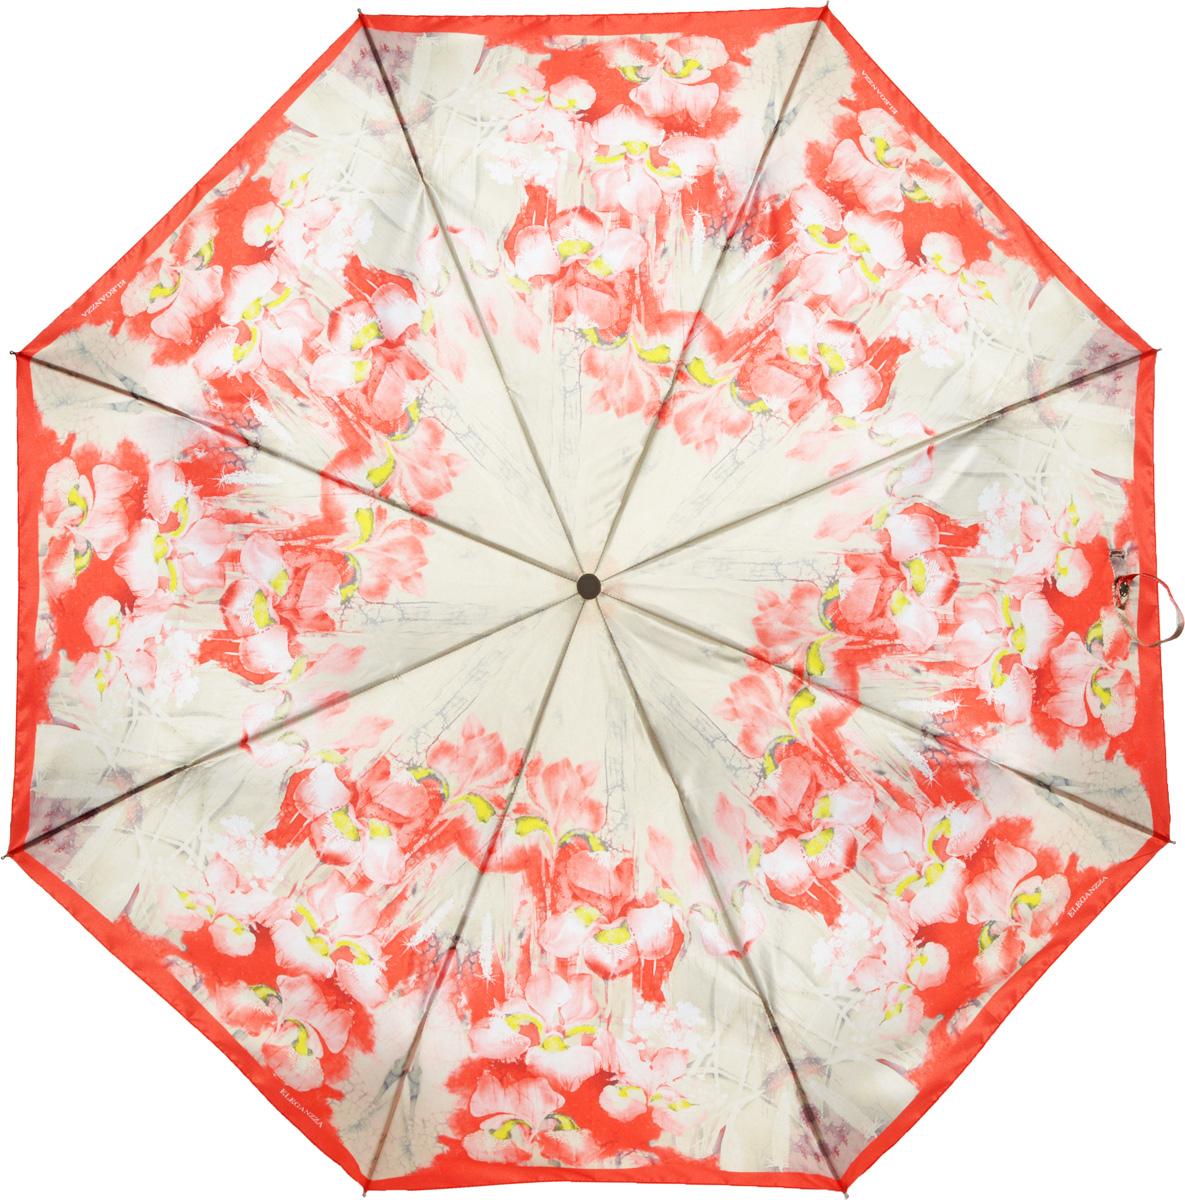 Зонт женский Eleganzza, автомат, 3 сложения, цвет: красный. A3-05-0303LSA3-05-0303LSЖенский зонт-автомат торговой марки ELEGANZZA с каркасом Smart, который позволяет без особых усилий складывать зонт, не позволяя стержню вылетать обратно. Купол: 100% полиэстер, сатин. Материал каркаса: сталь + алюминий + фибергласс. Материал ручки: пластик. Длина изделия - 30 см. Диаметр купола - 105 см. Система Smart, не позволяет стержню при сложении вылететь обратно, это облегчает сложение зонта! При сложении есть характерный звук-треск, как трещетка. Примечание: зонт не откроется с кнопки если его не закрыть до щелчка!